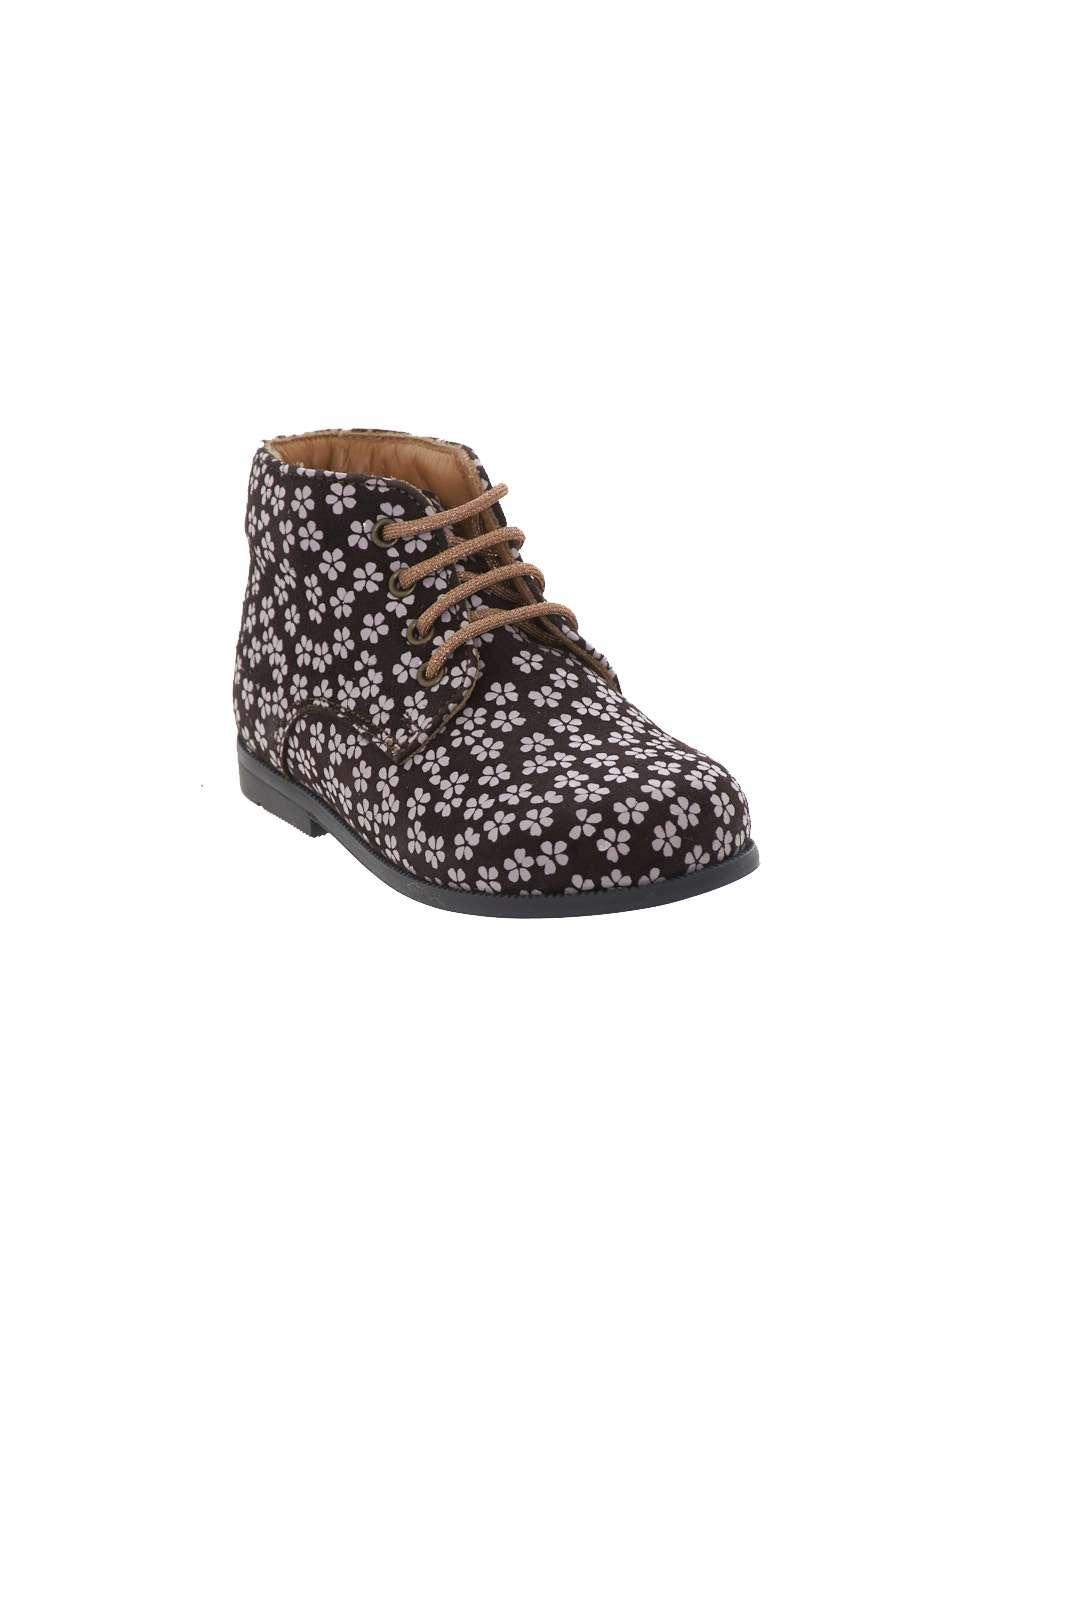 https://www.parmax.com/media/catalog/product/P/E/PE-outlet_parmax-scarpe-bimba-Two-Comme-moka-C_2.jpg